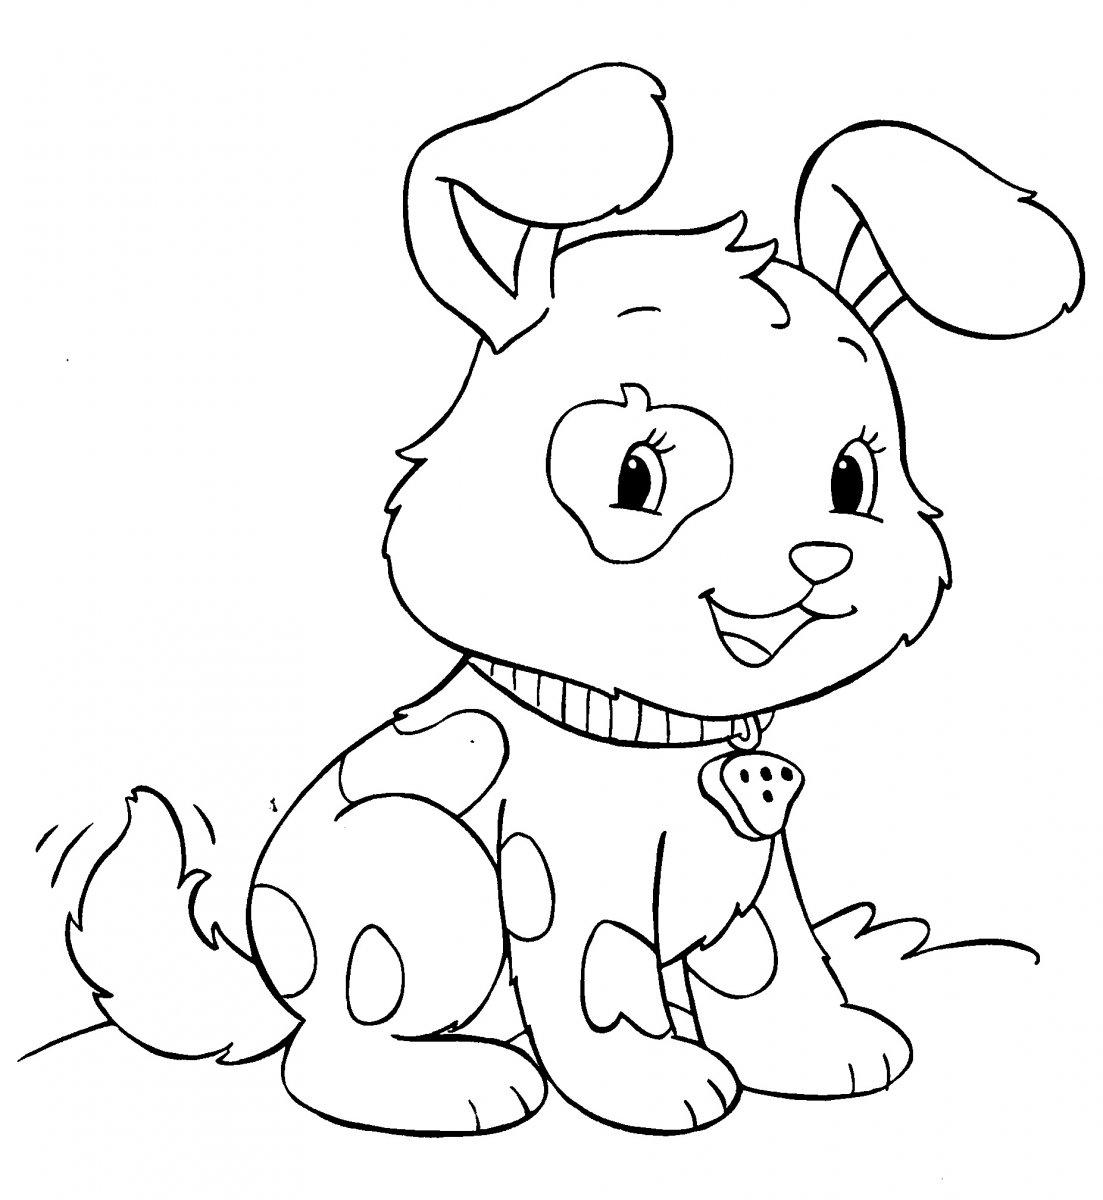 Dibujos de perros para pintar